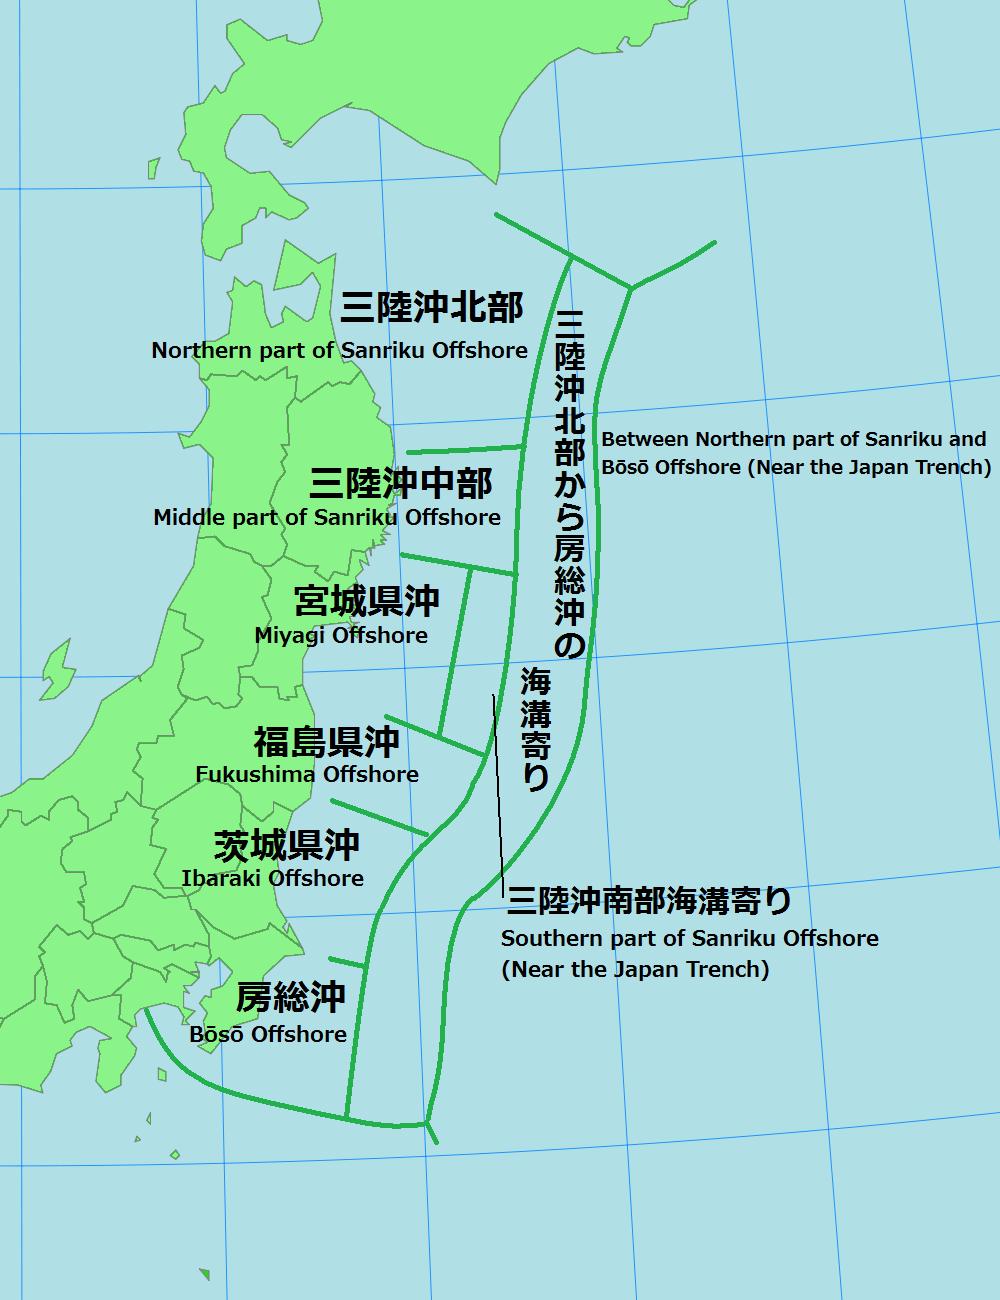 地震 昨日 千葉 県 の